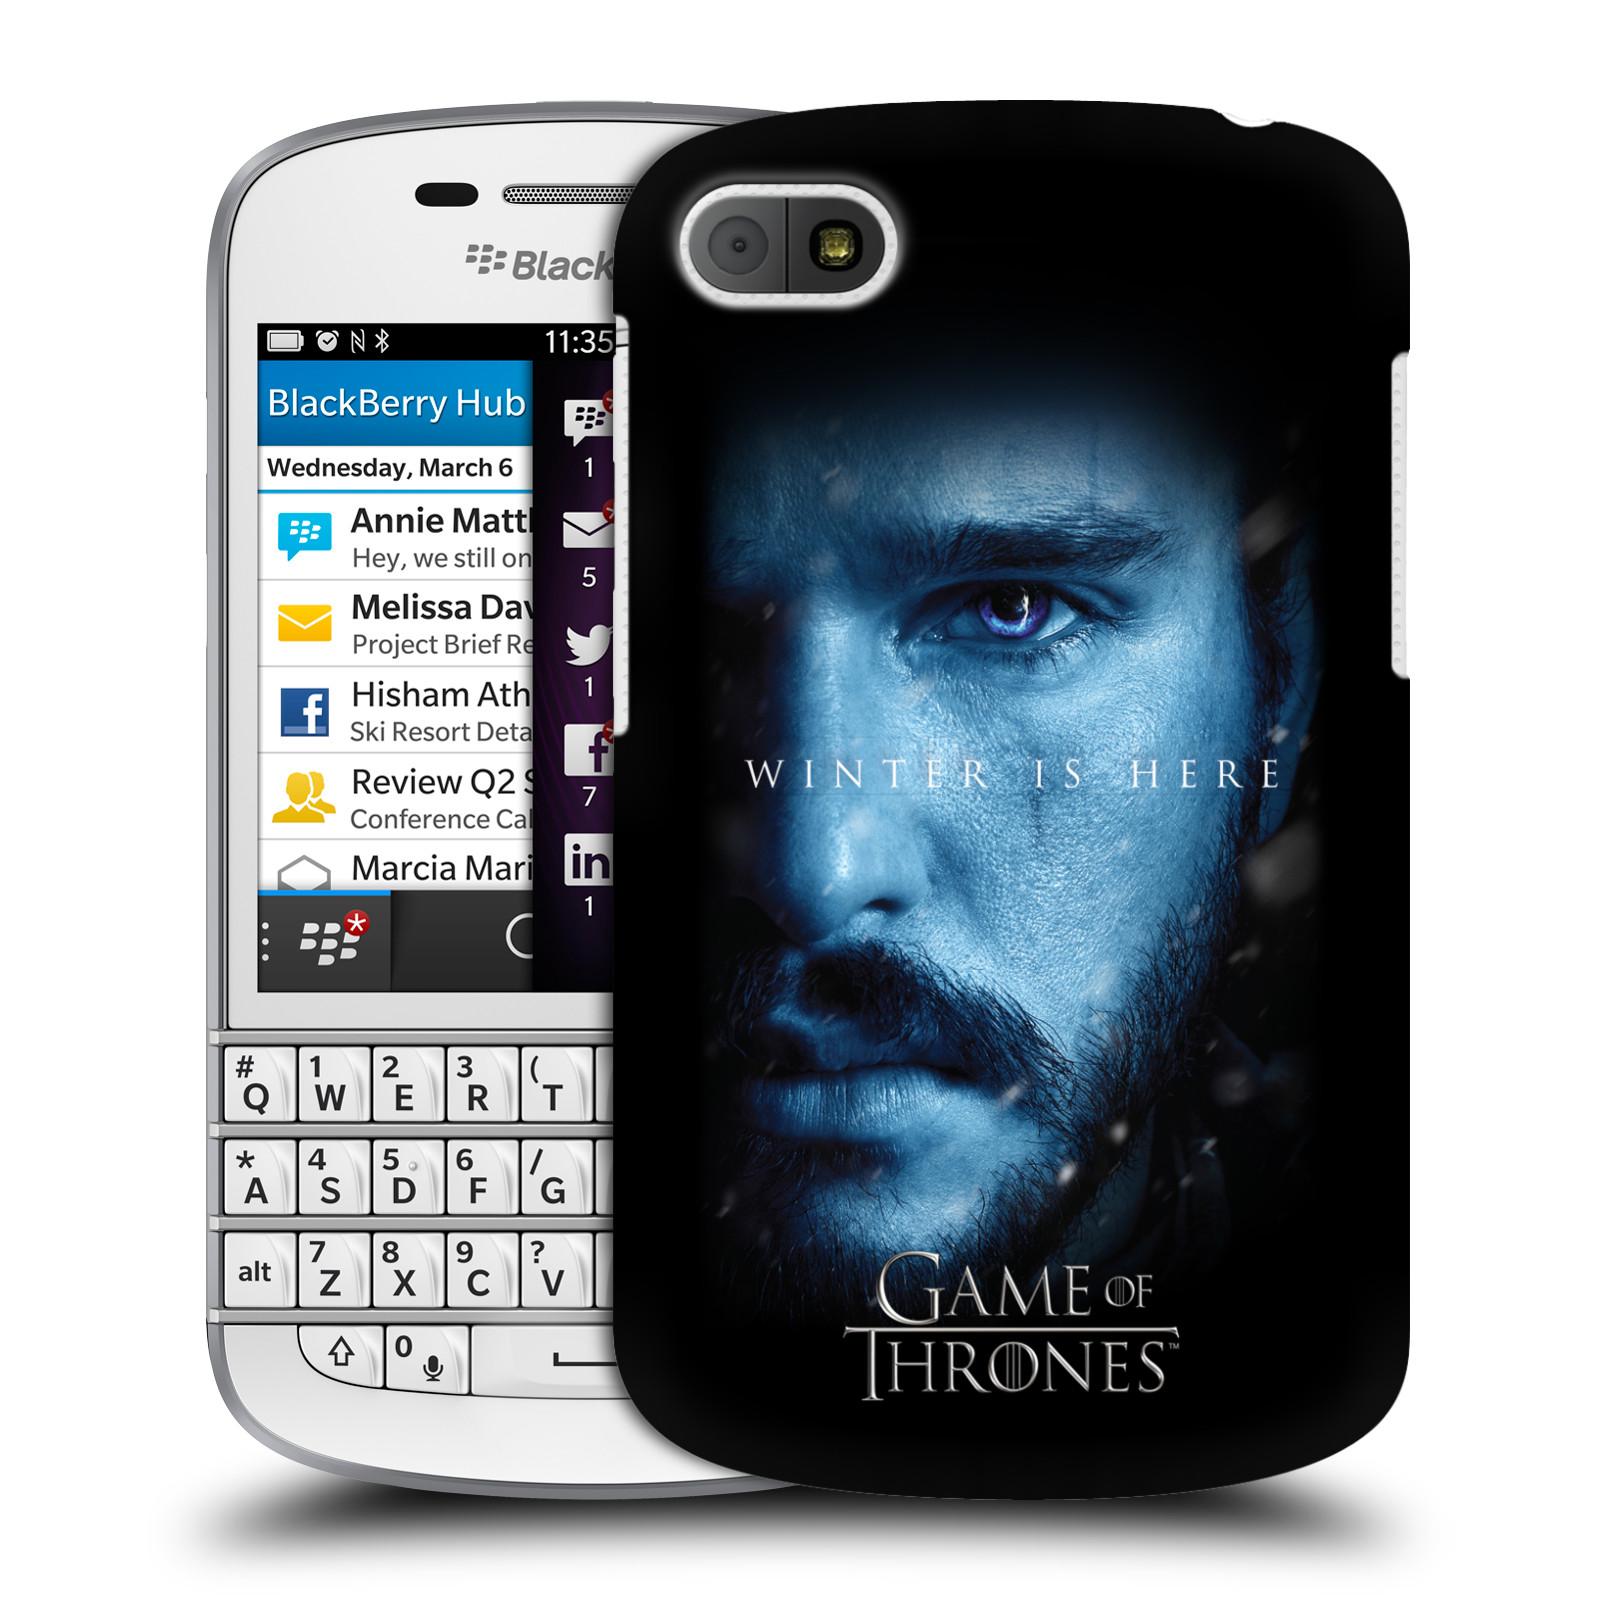 Plastové pouzdro na mobil Blackberry Q10 - Head Case - Hra o trůny - Jon Snow - Winter is here (Plastový kryt či obal na mobilní telefon s motivem Game of Thrones - Jon Snow - Winter is here - Season 7 pro Blackberry Q10)